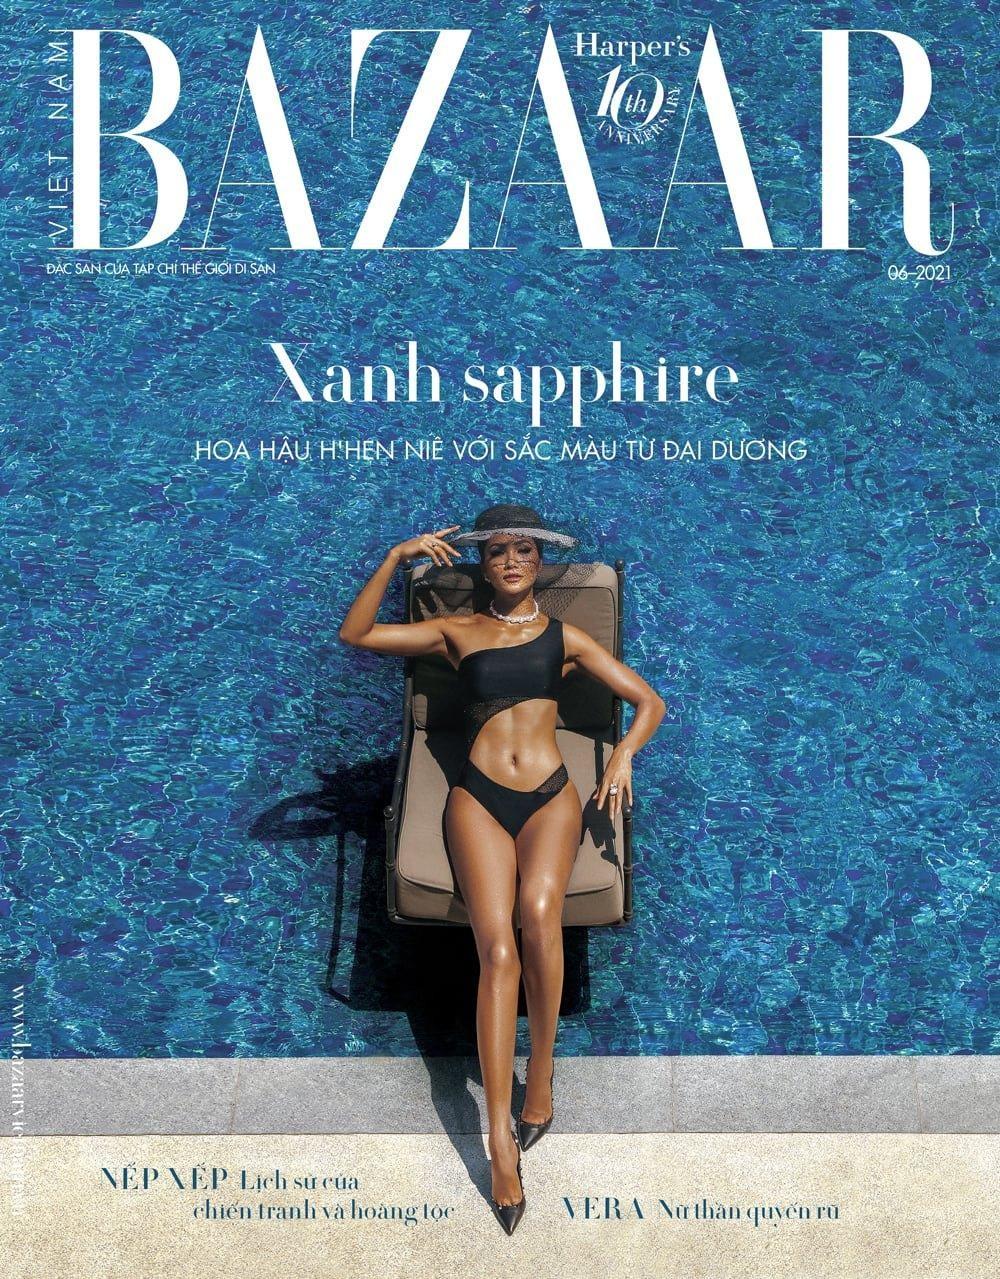 Hoa hậu H'Hen Niê mặc đồ bơi đẹp như siêu mẫu quốc tế trên bìa tạp chí thời trang đình đám ảnh 3